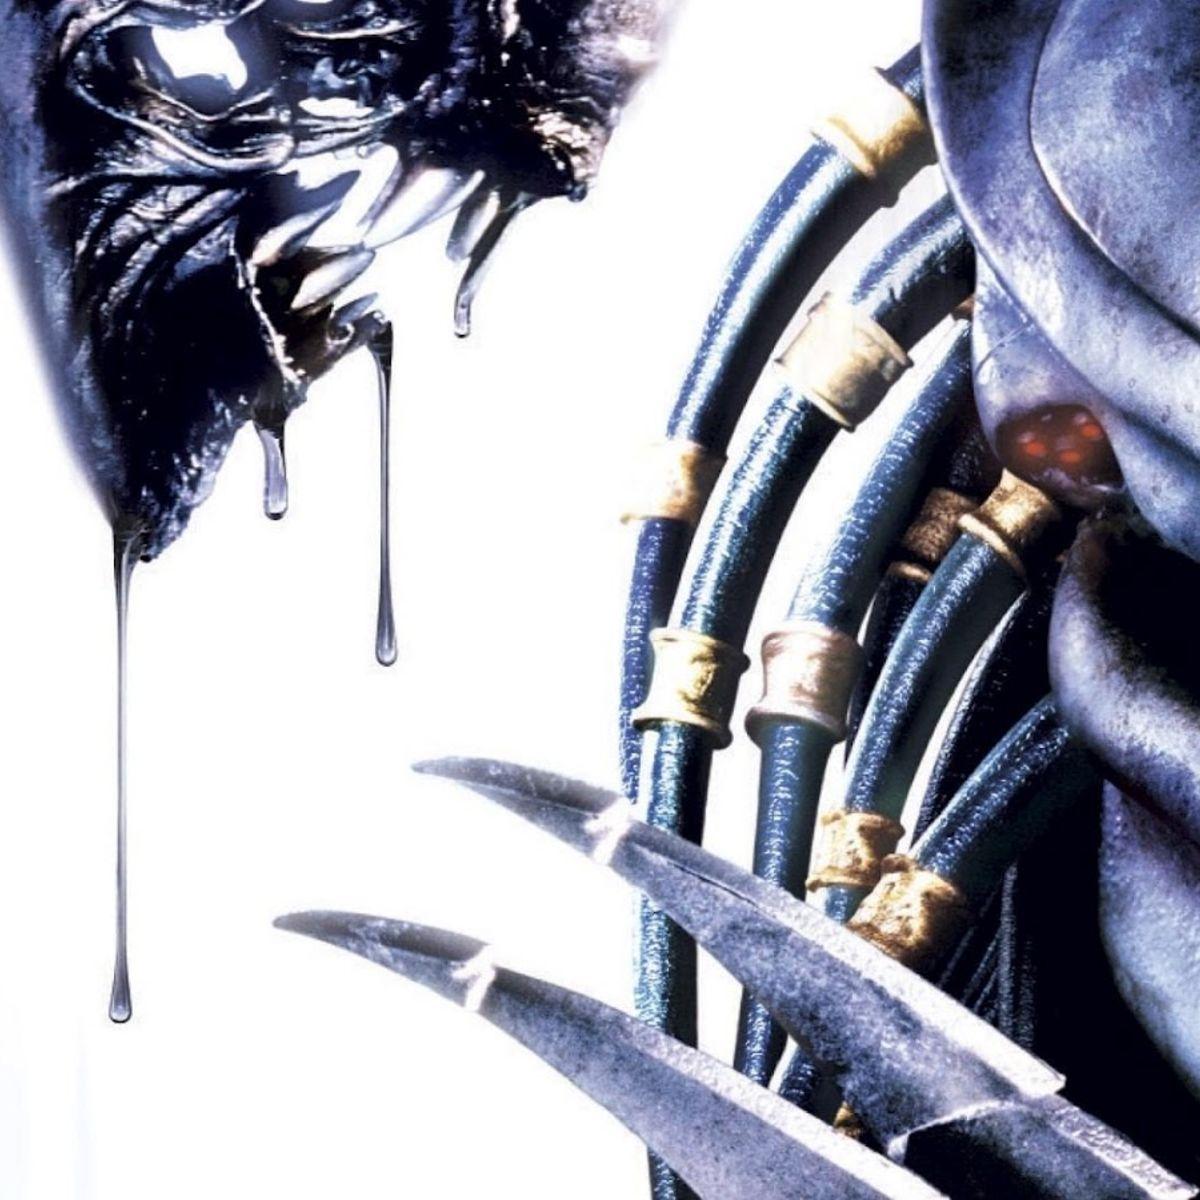 alien_vs_predator_2004.jpg